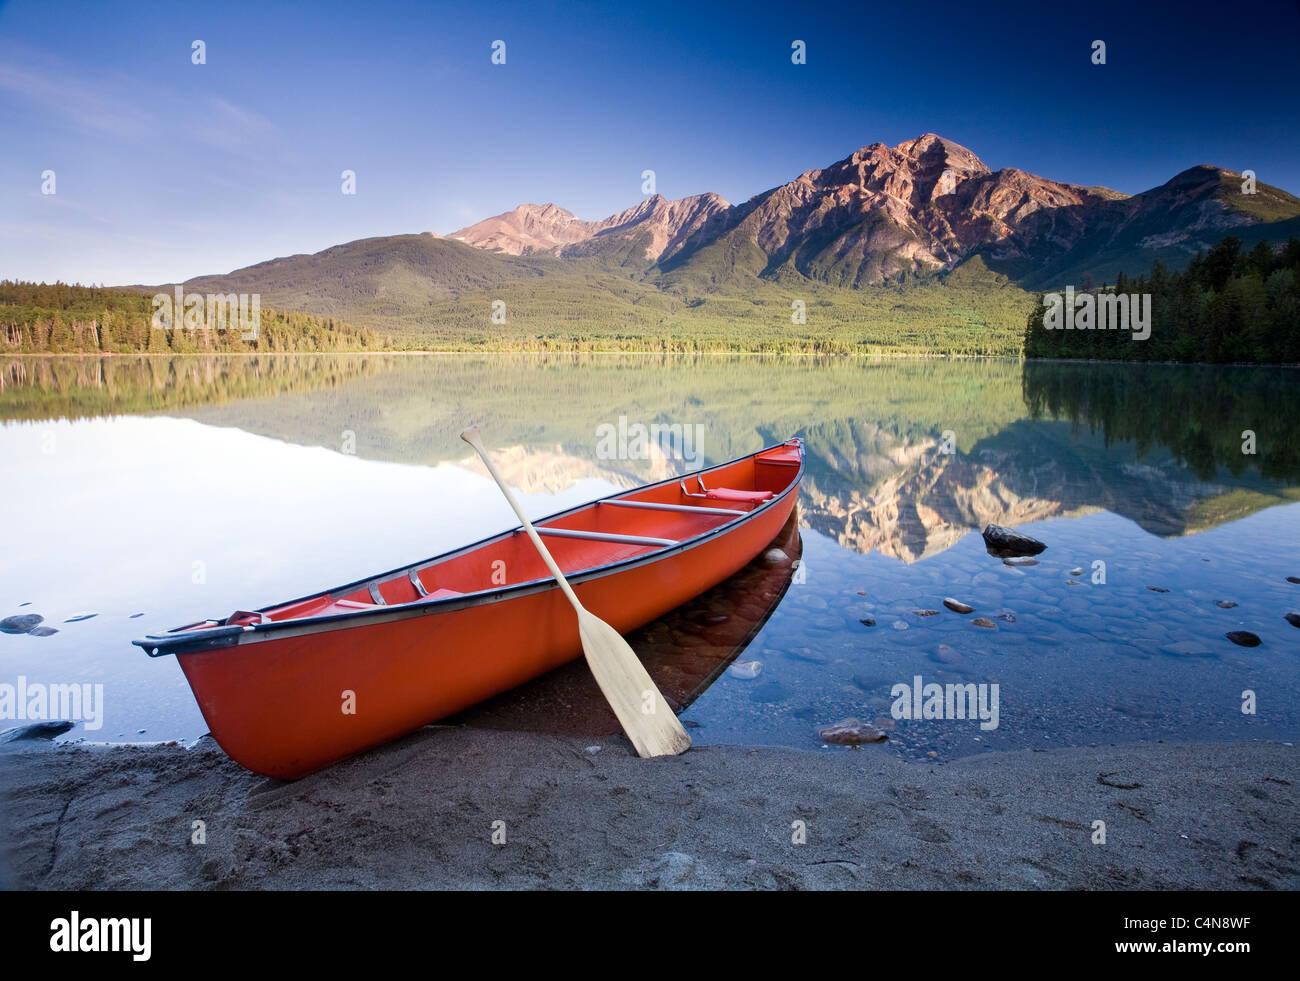 Passeio de canoa ao alvorecer vermelho no Lago pirâmide, Parque Nacional Jasper, Alberta, Canadá. Imagens de Stock